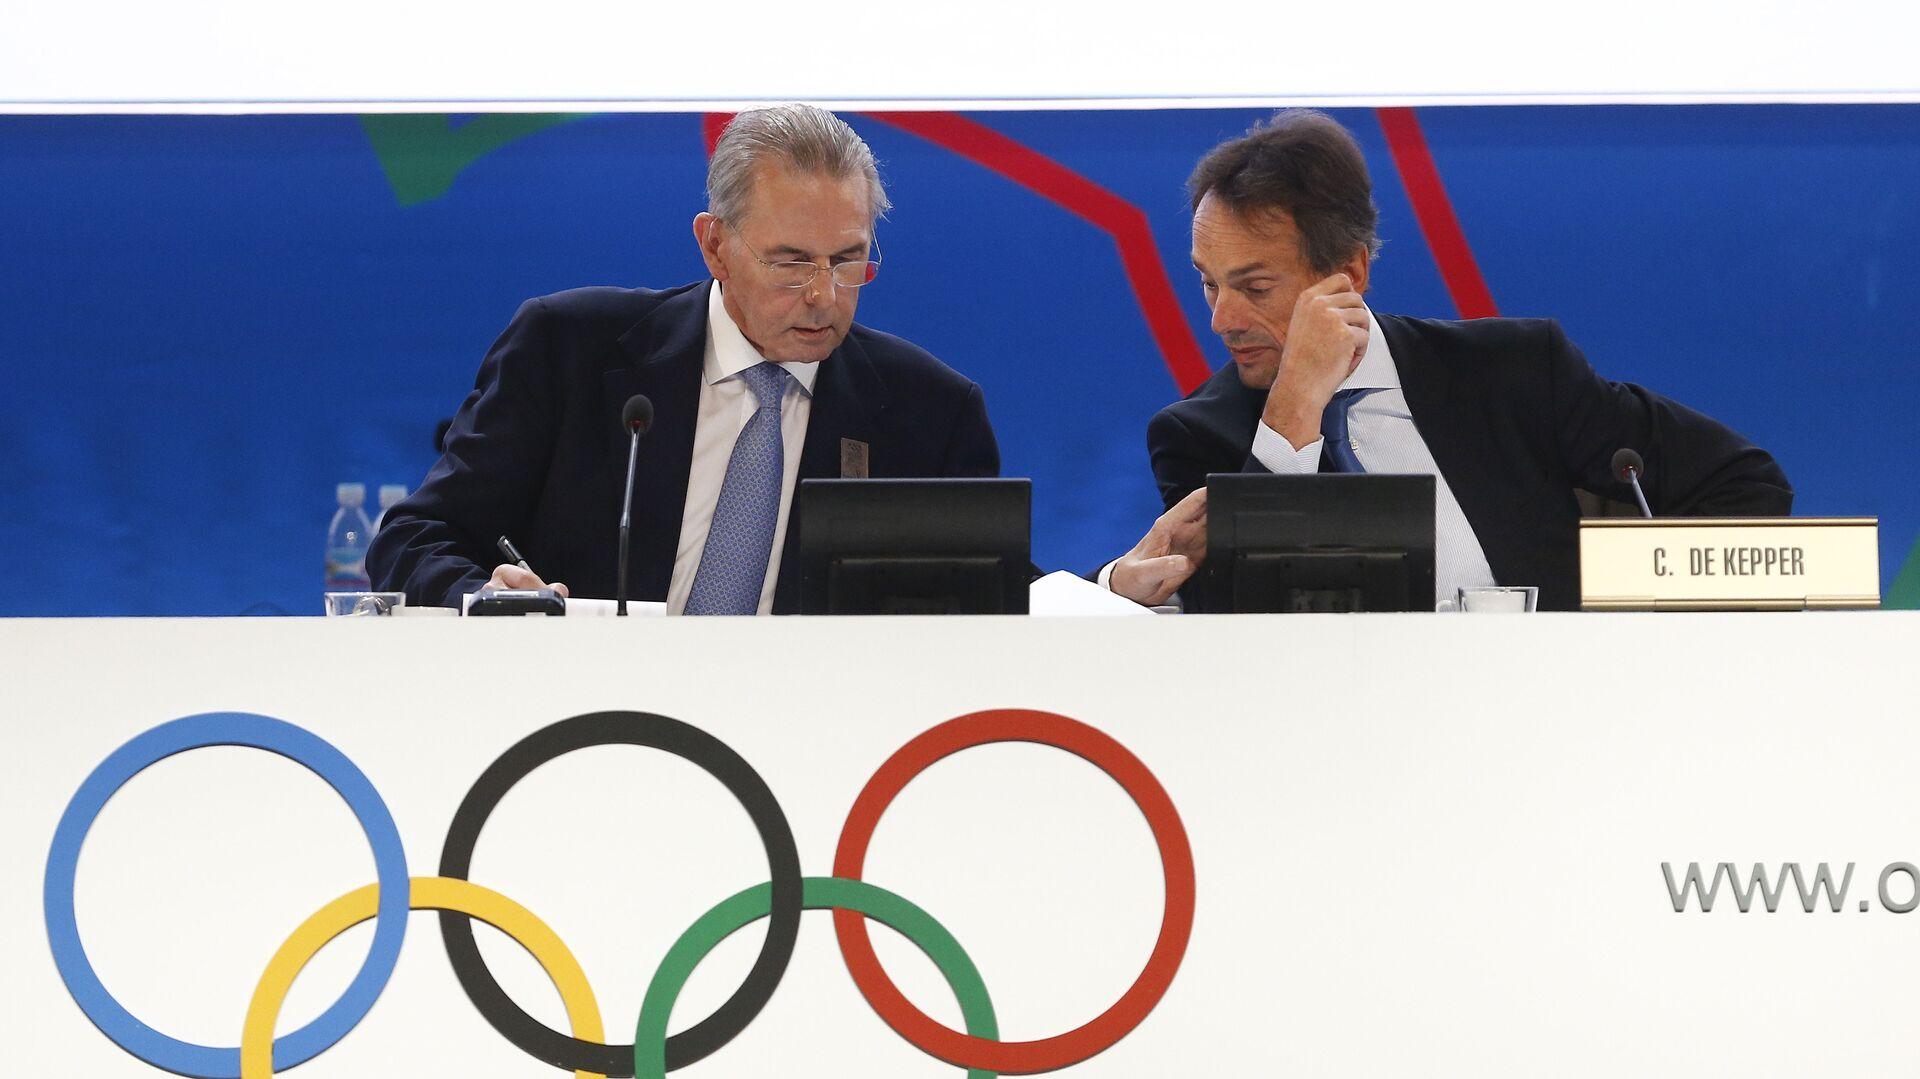 Jacques Rogge y Christophe De Kepper durante la 125 sesión del COI en Buenos Aires, Argentina, 9 de septiembre de 2013 - Sputnik Mundo, 1920, 29.08.2021